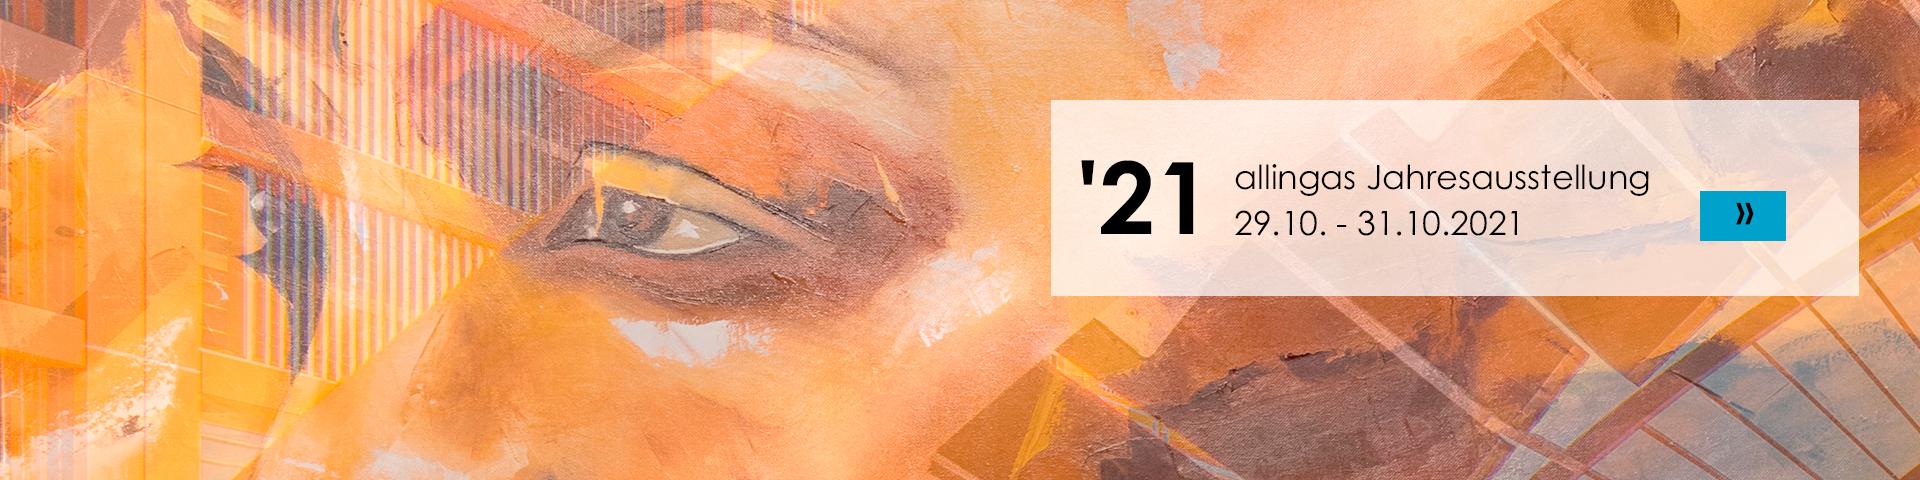 Jahresausstellung 21